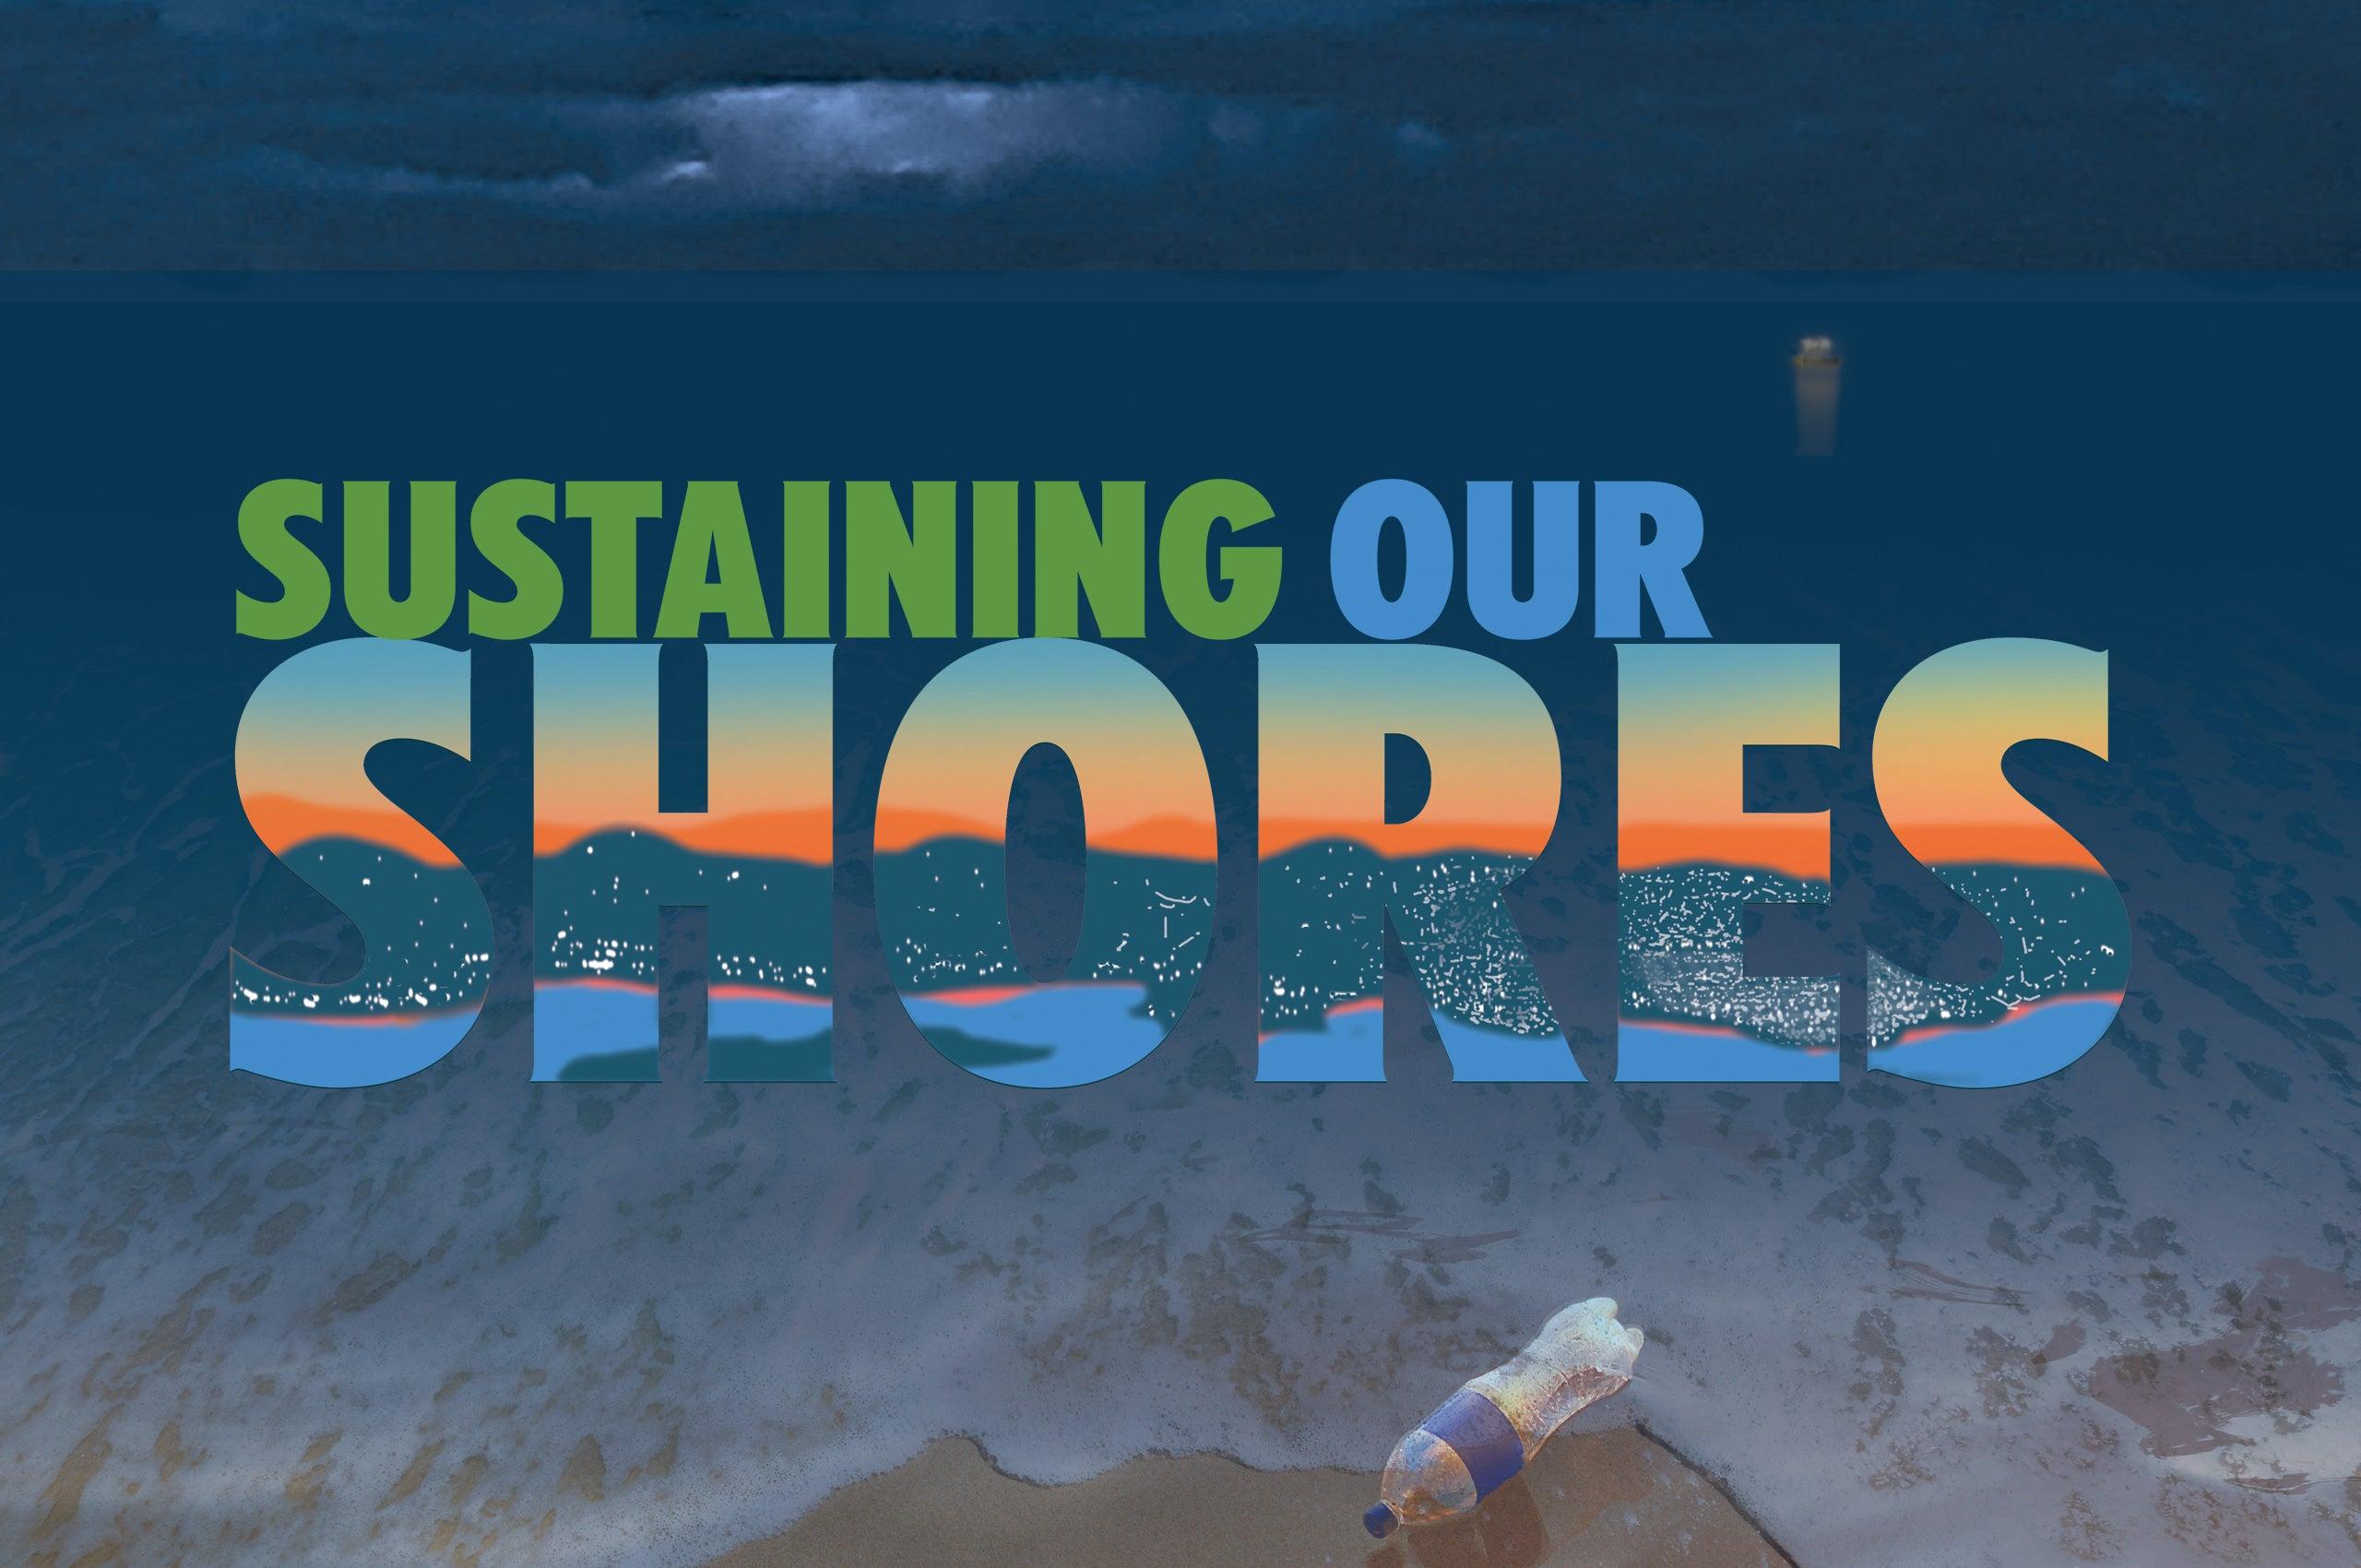 Sustaining our Shores graphic promoting the 2021 URI Honors Colloquium